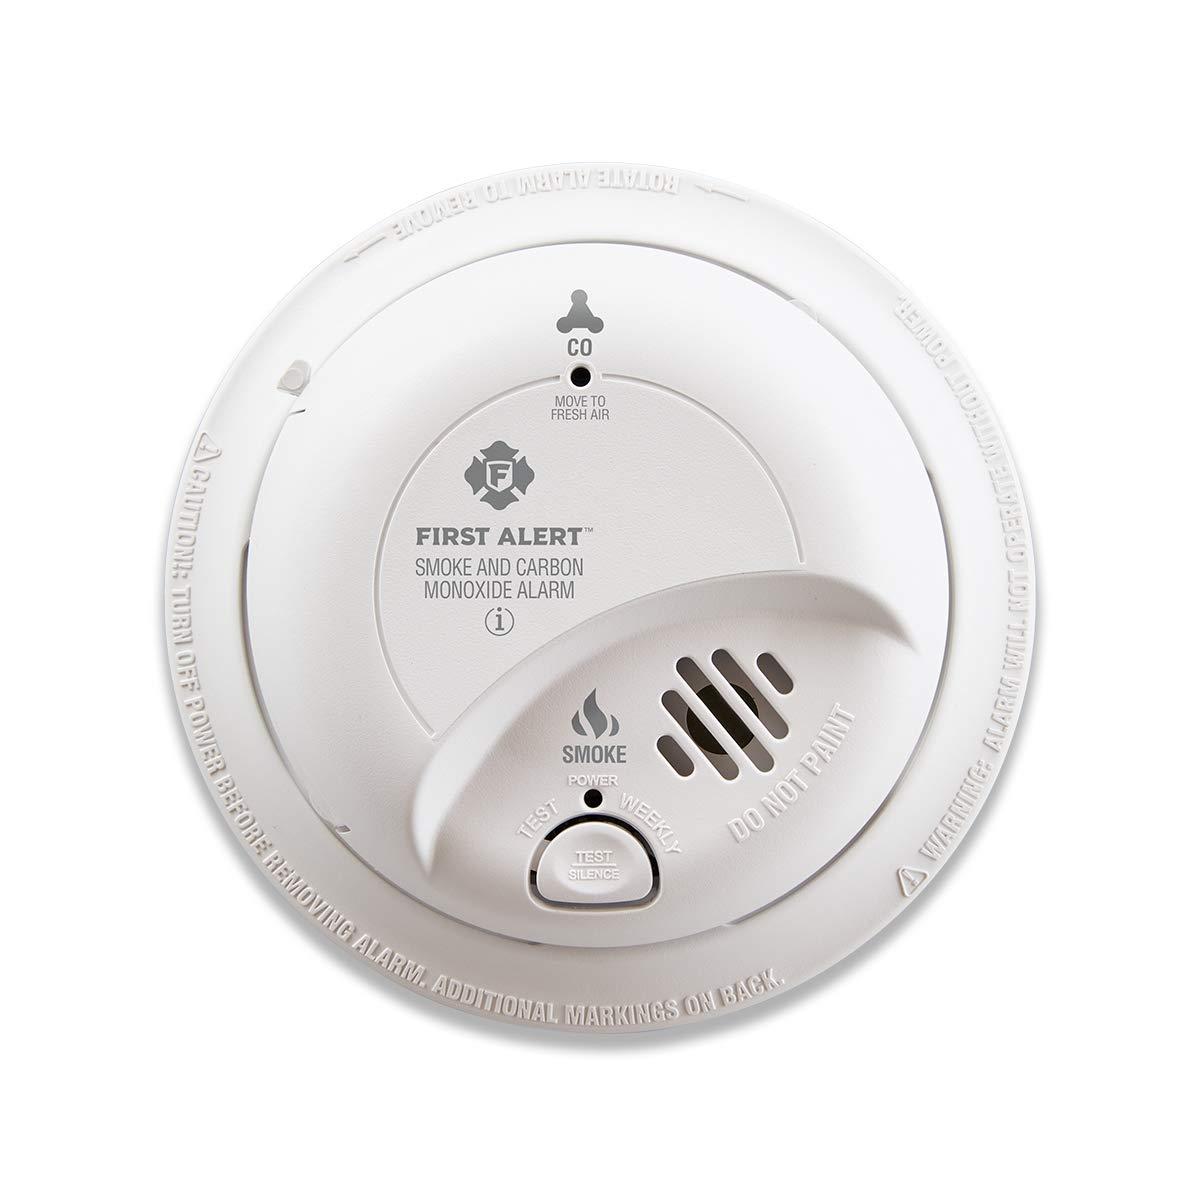 First Alert SC9120B Hardwired Monoxide